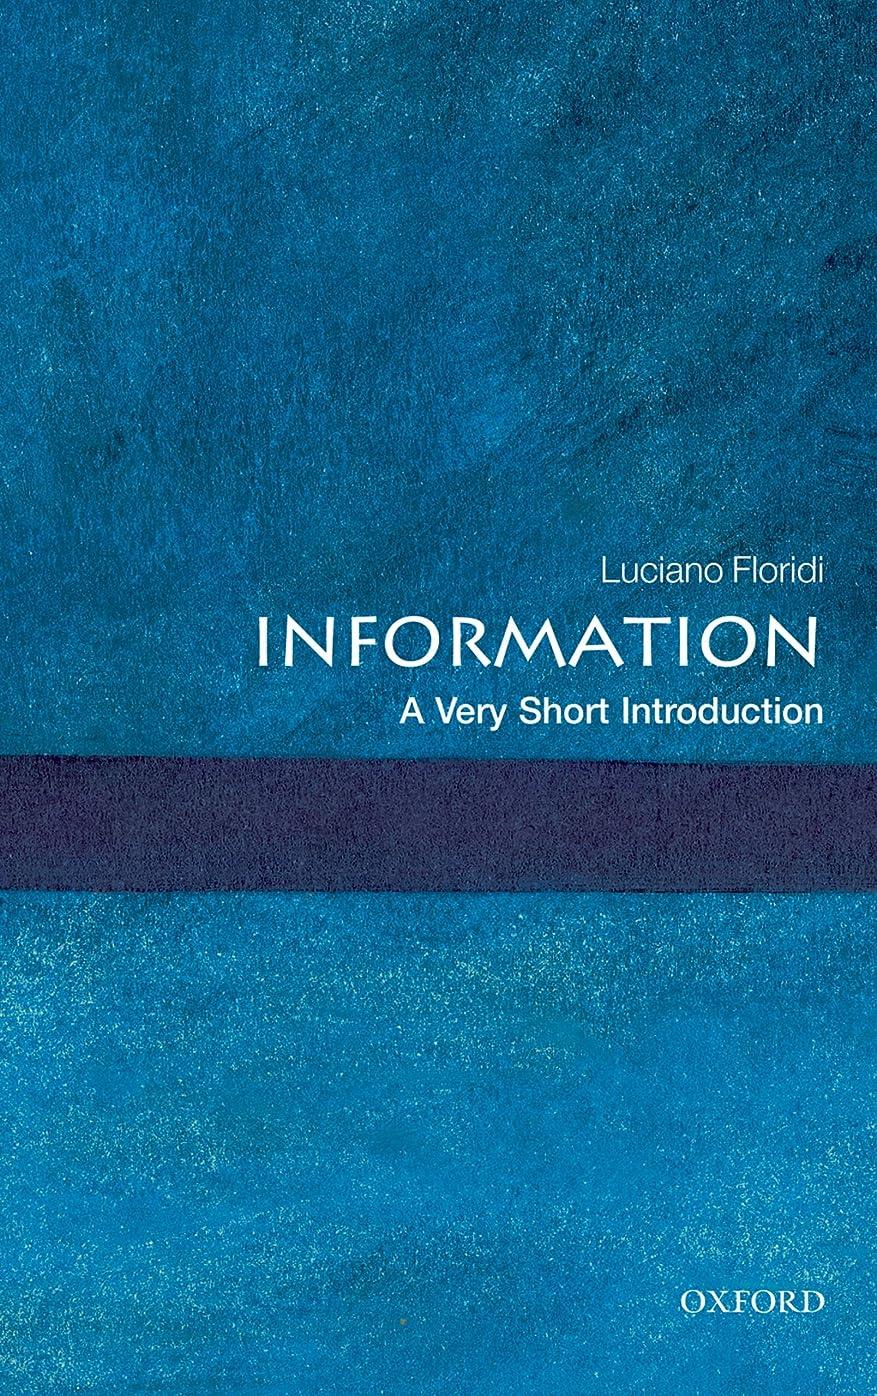 発明する軍艦六分儀Information: A Very Short Introduction (Very Short Introductions) (English Edition)